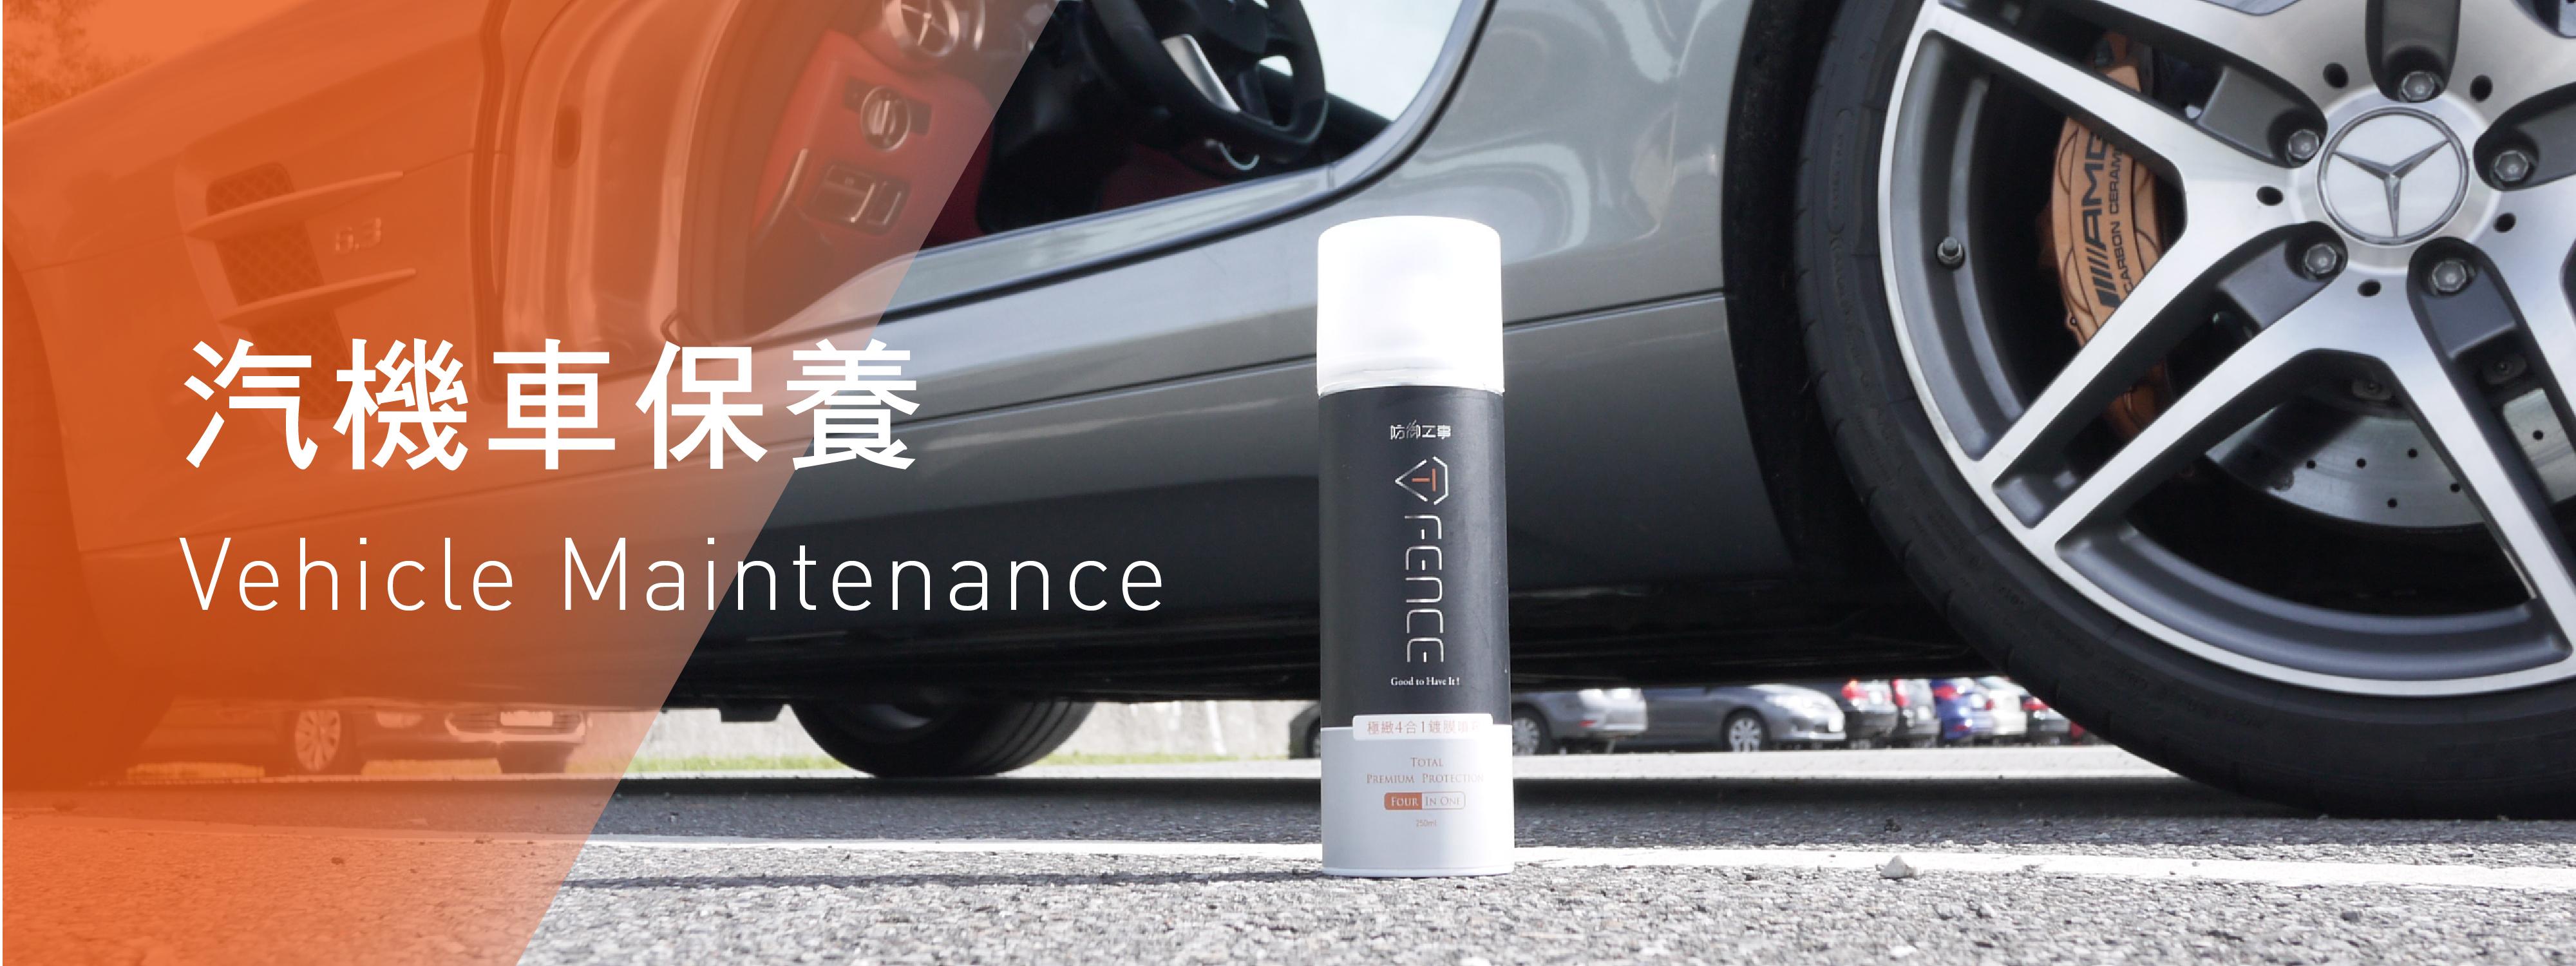 汽機車清潔保養